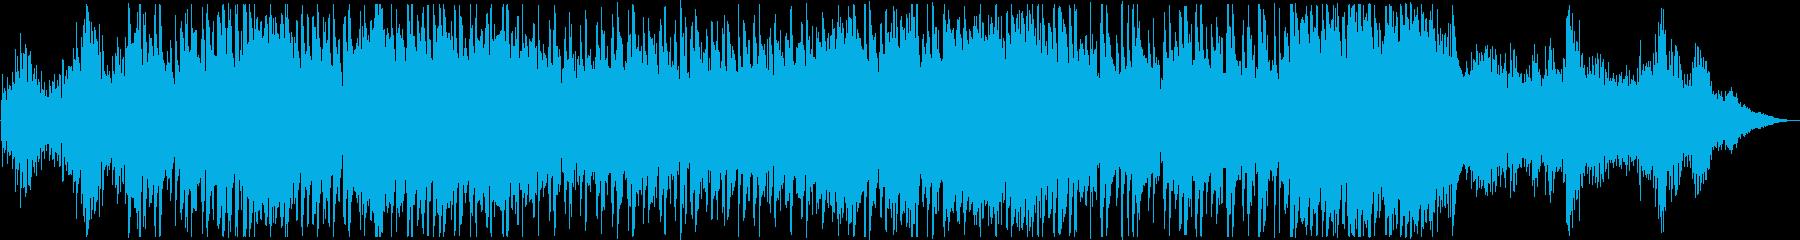 四季を感じさせる美しい琴のバラードの再生済みの波形